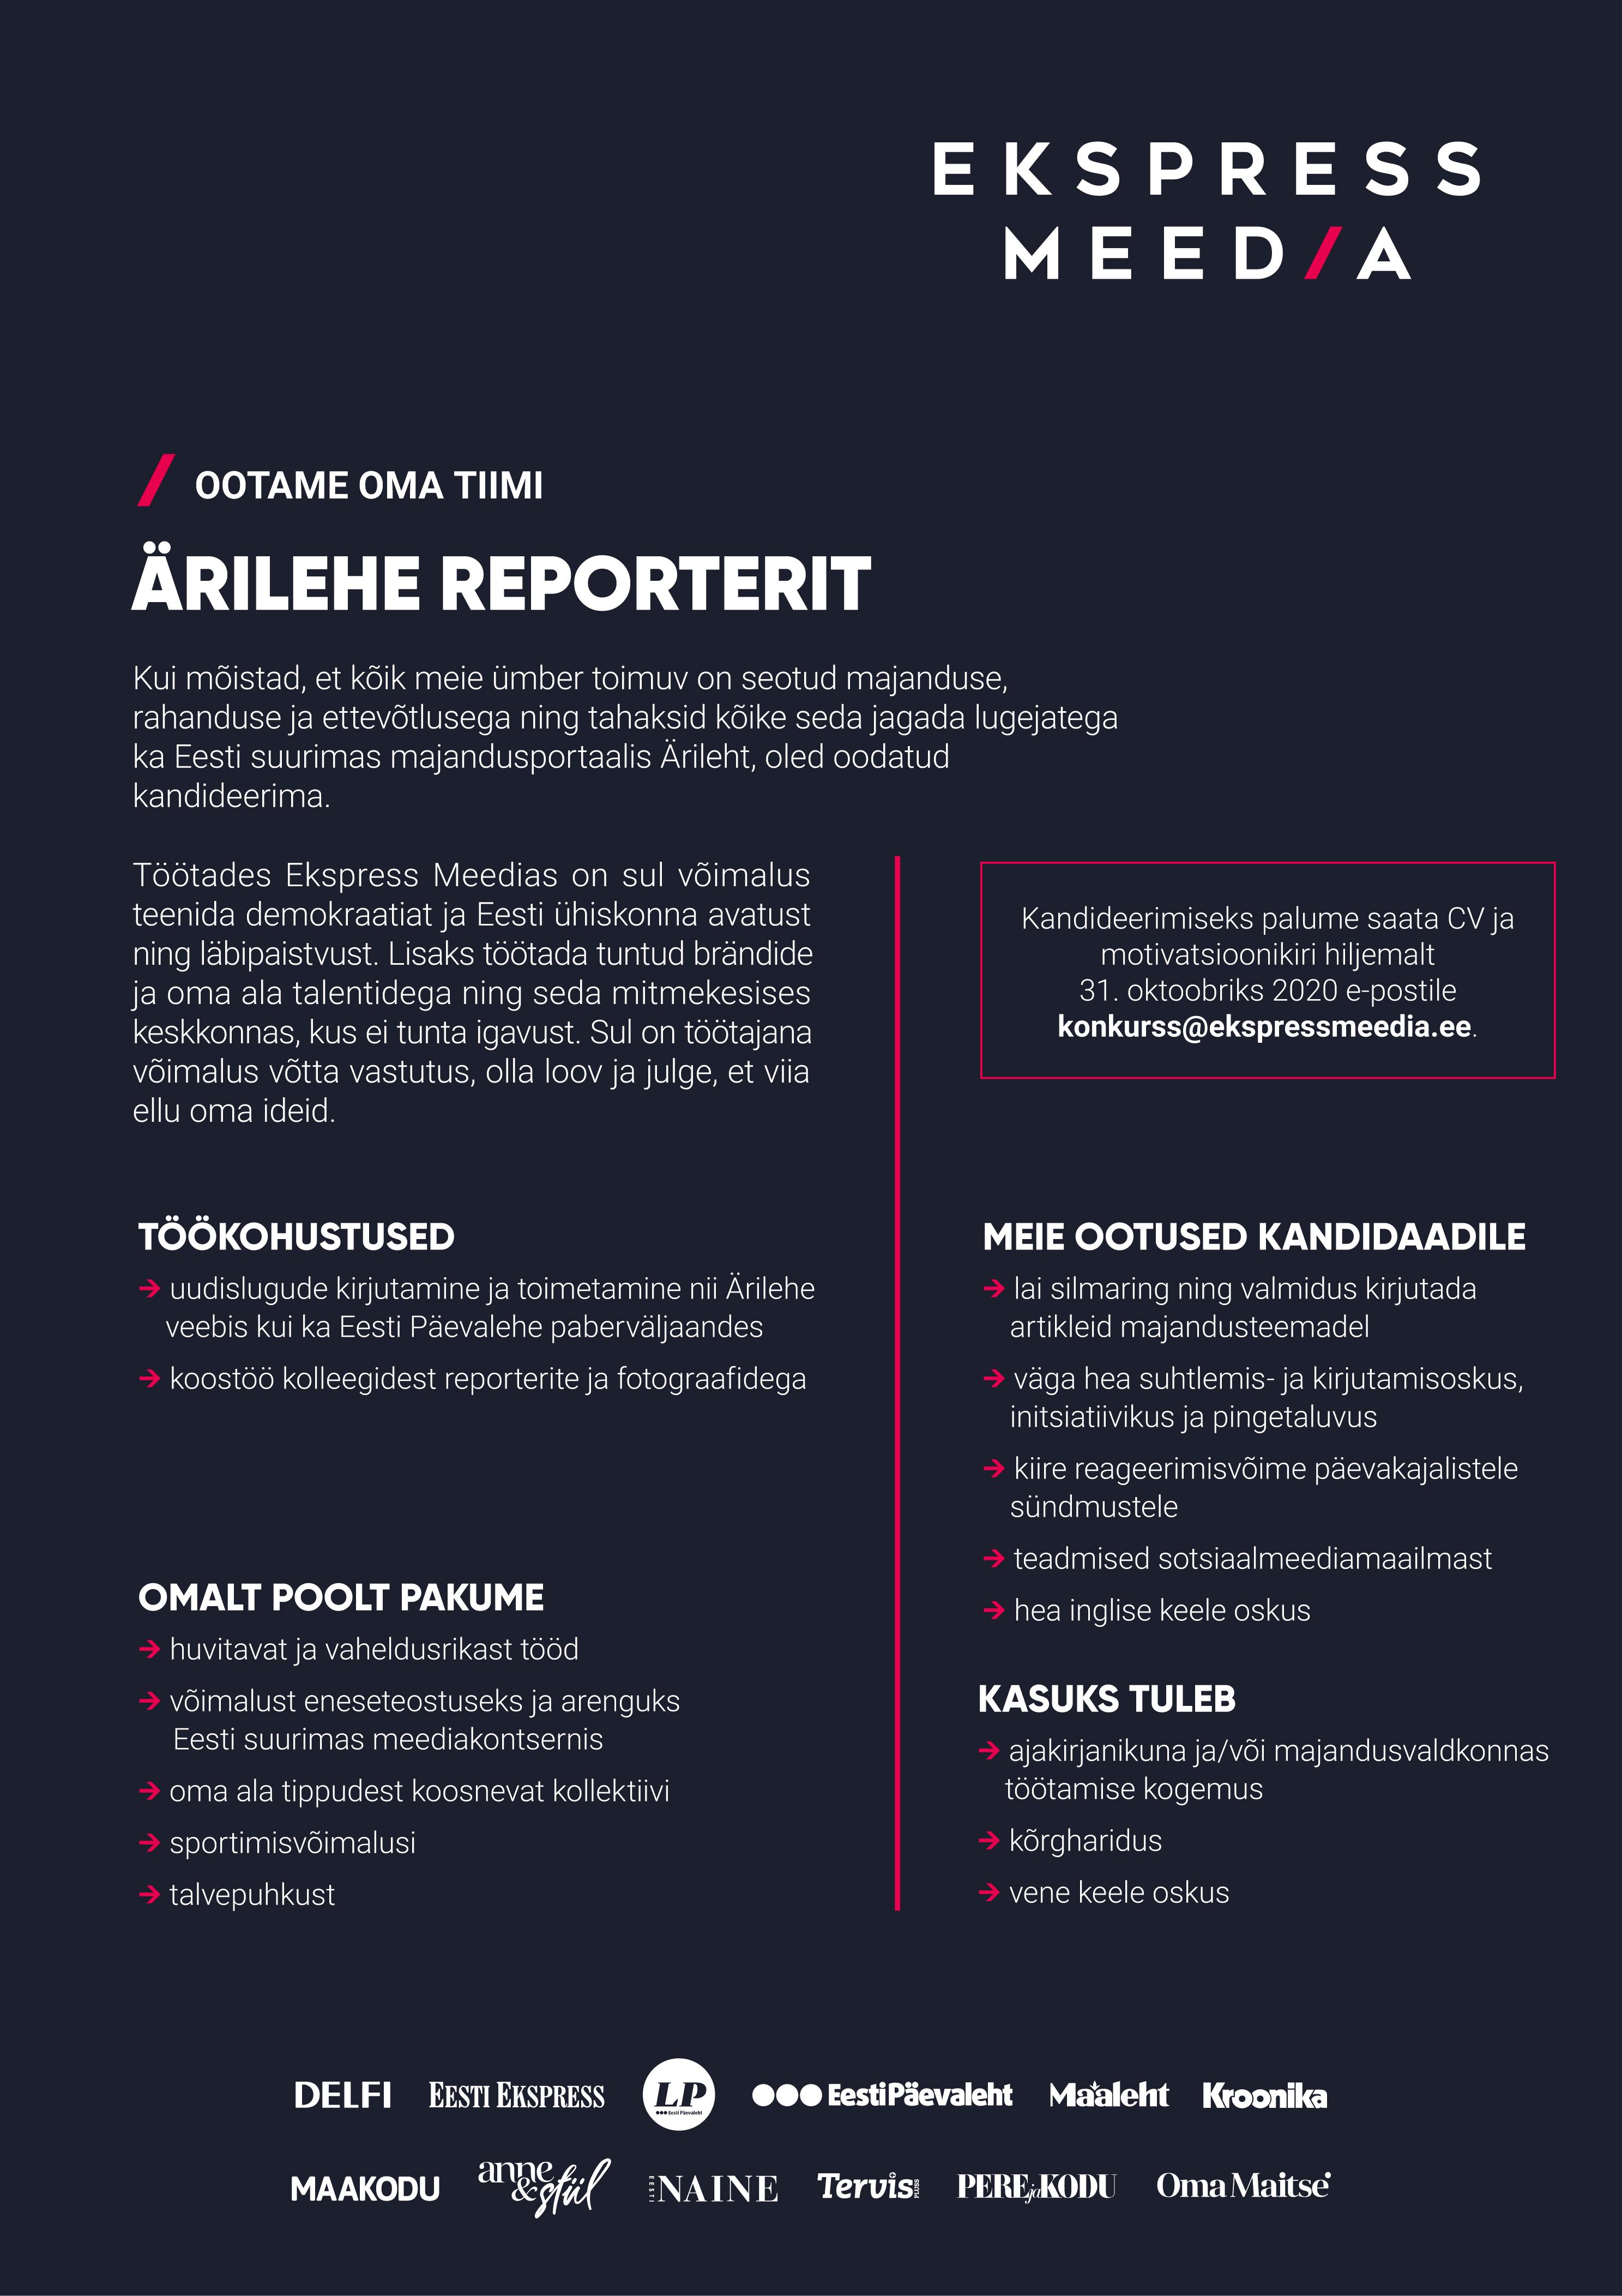 Ärilehe reporter